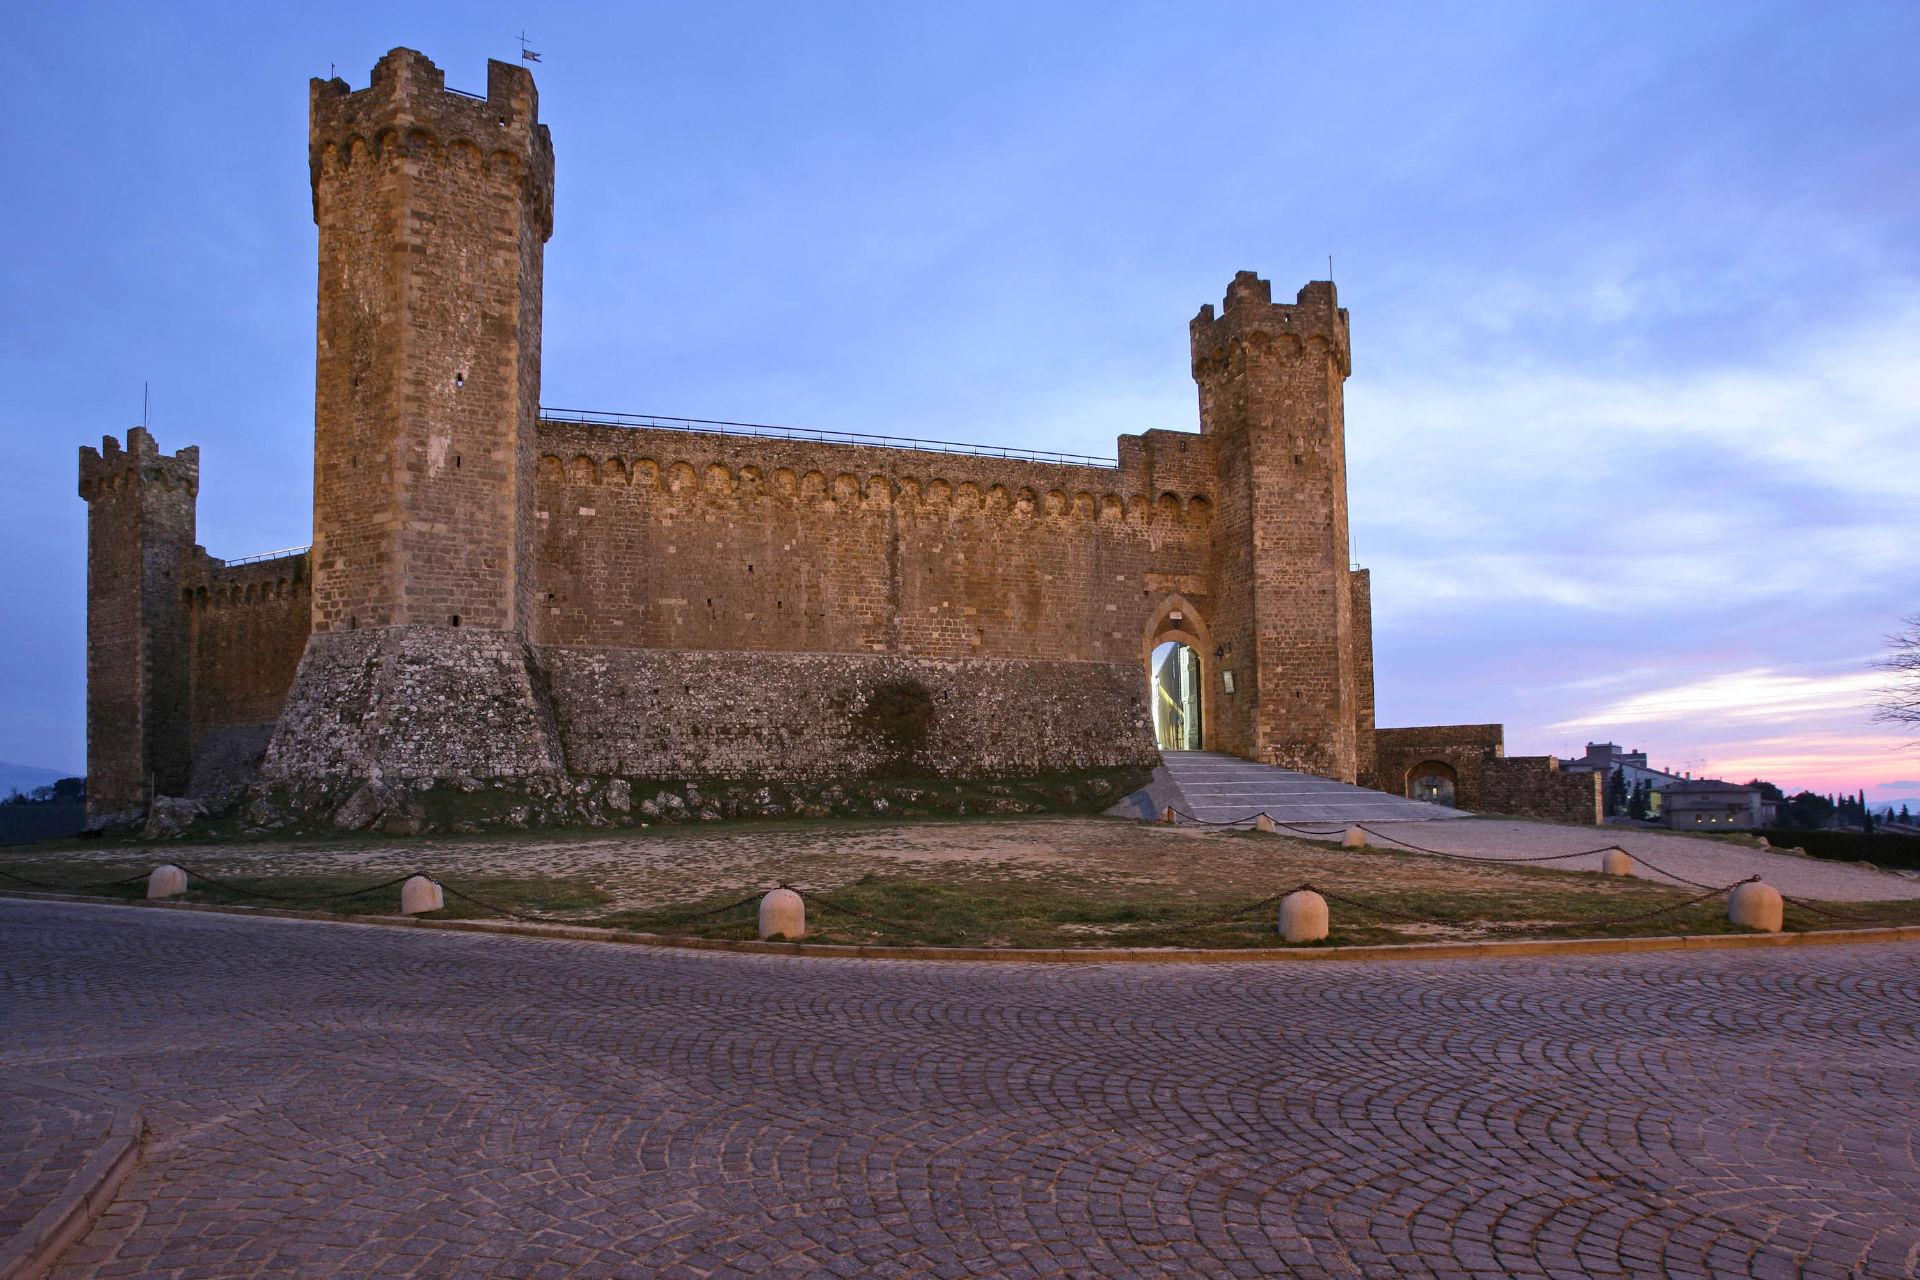 Montalcino-Fortezza